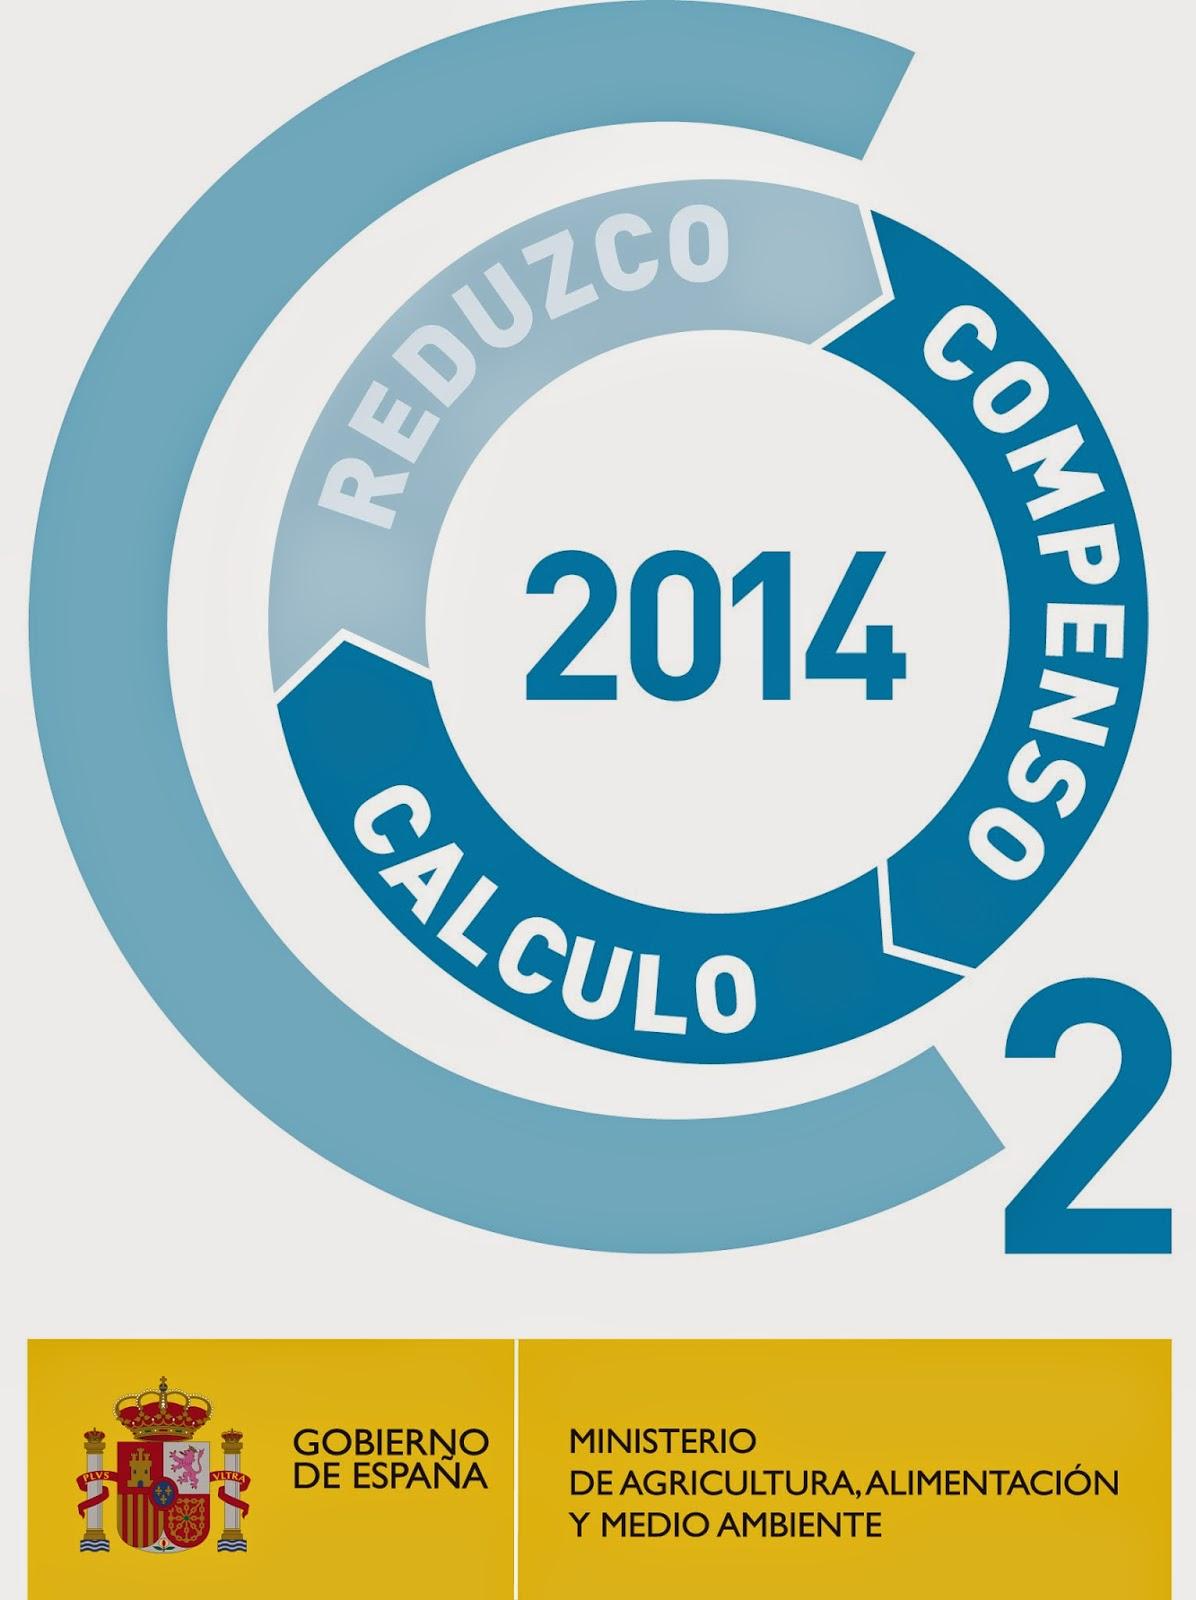 registro huella de carbono españa sello seccion a + c: calculo y compenso